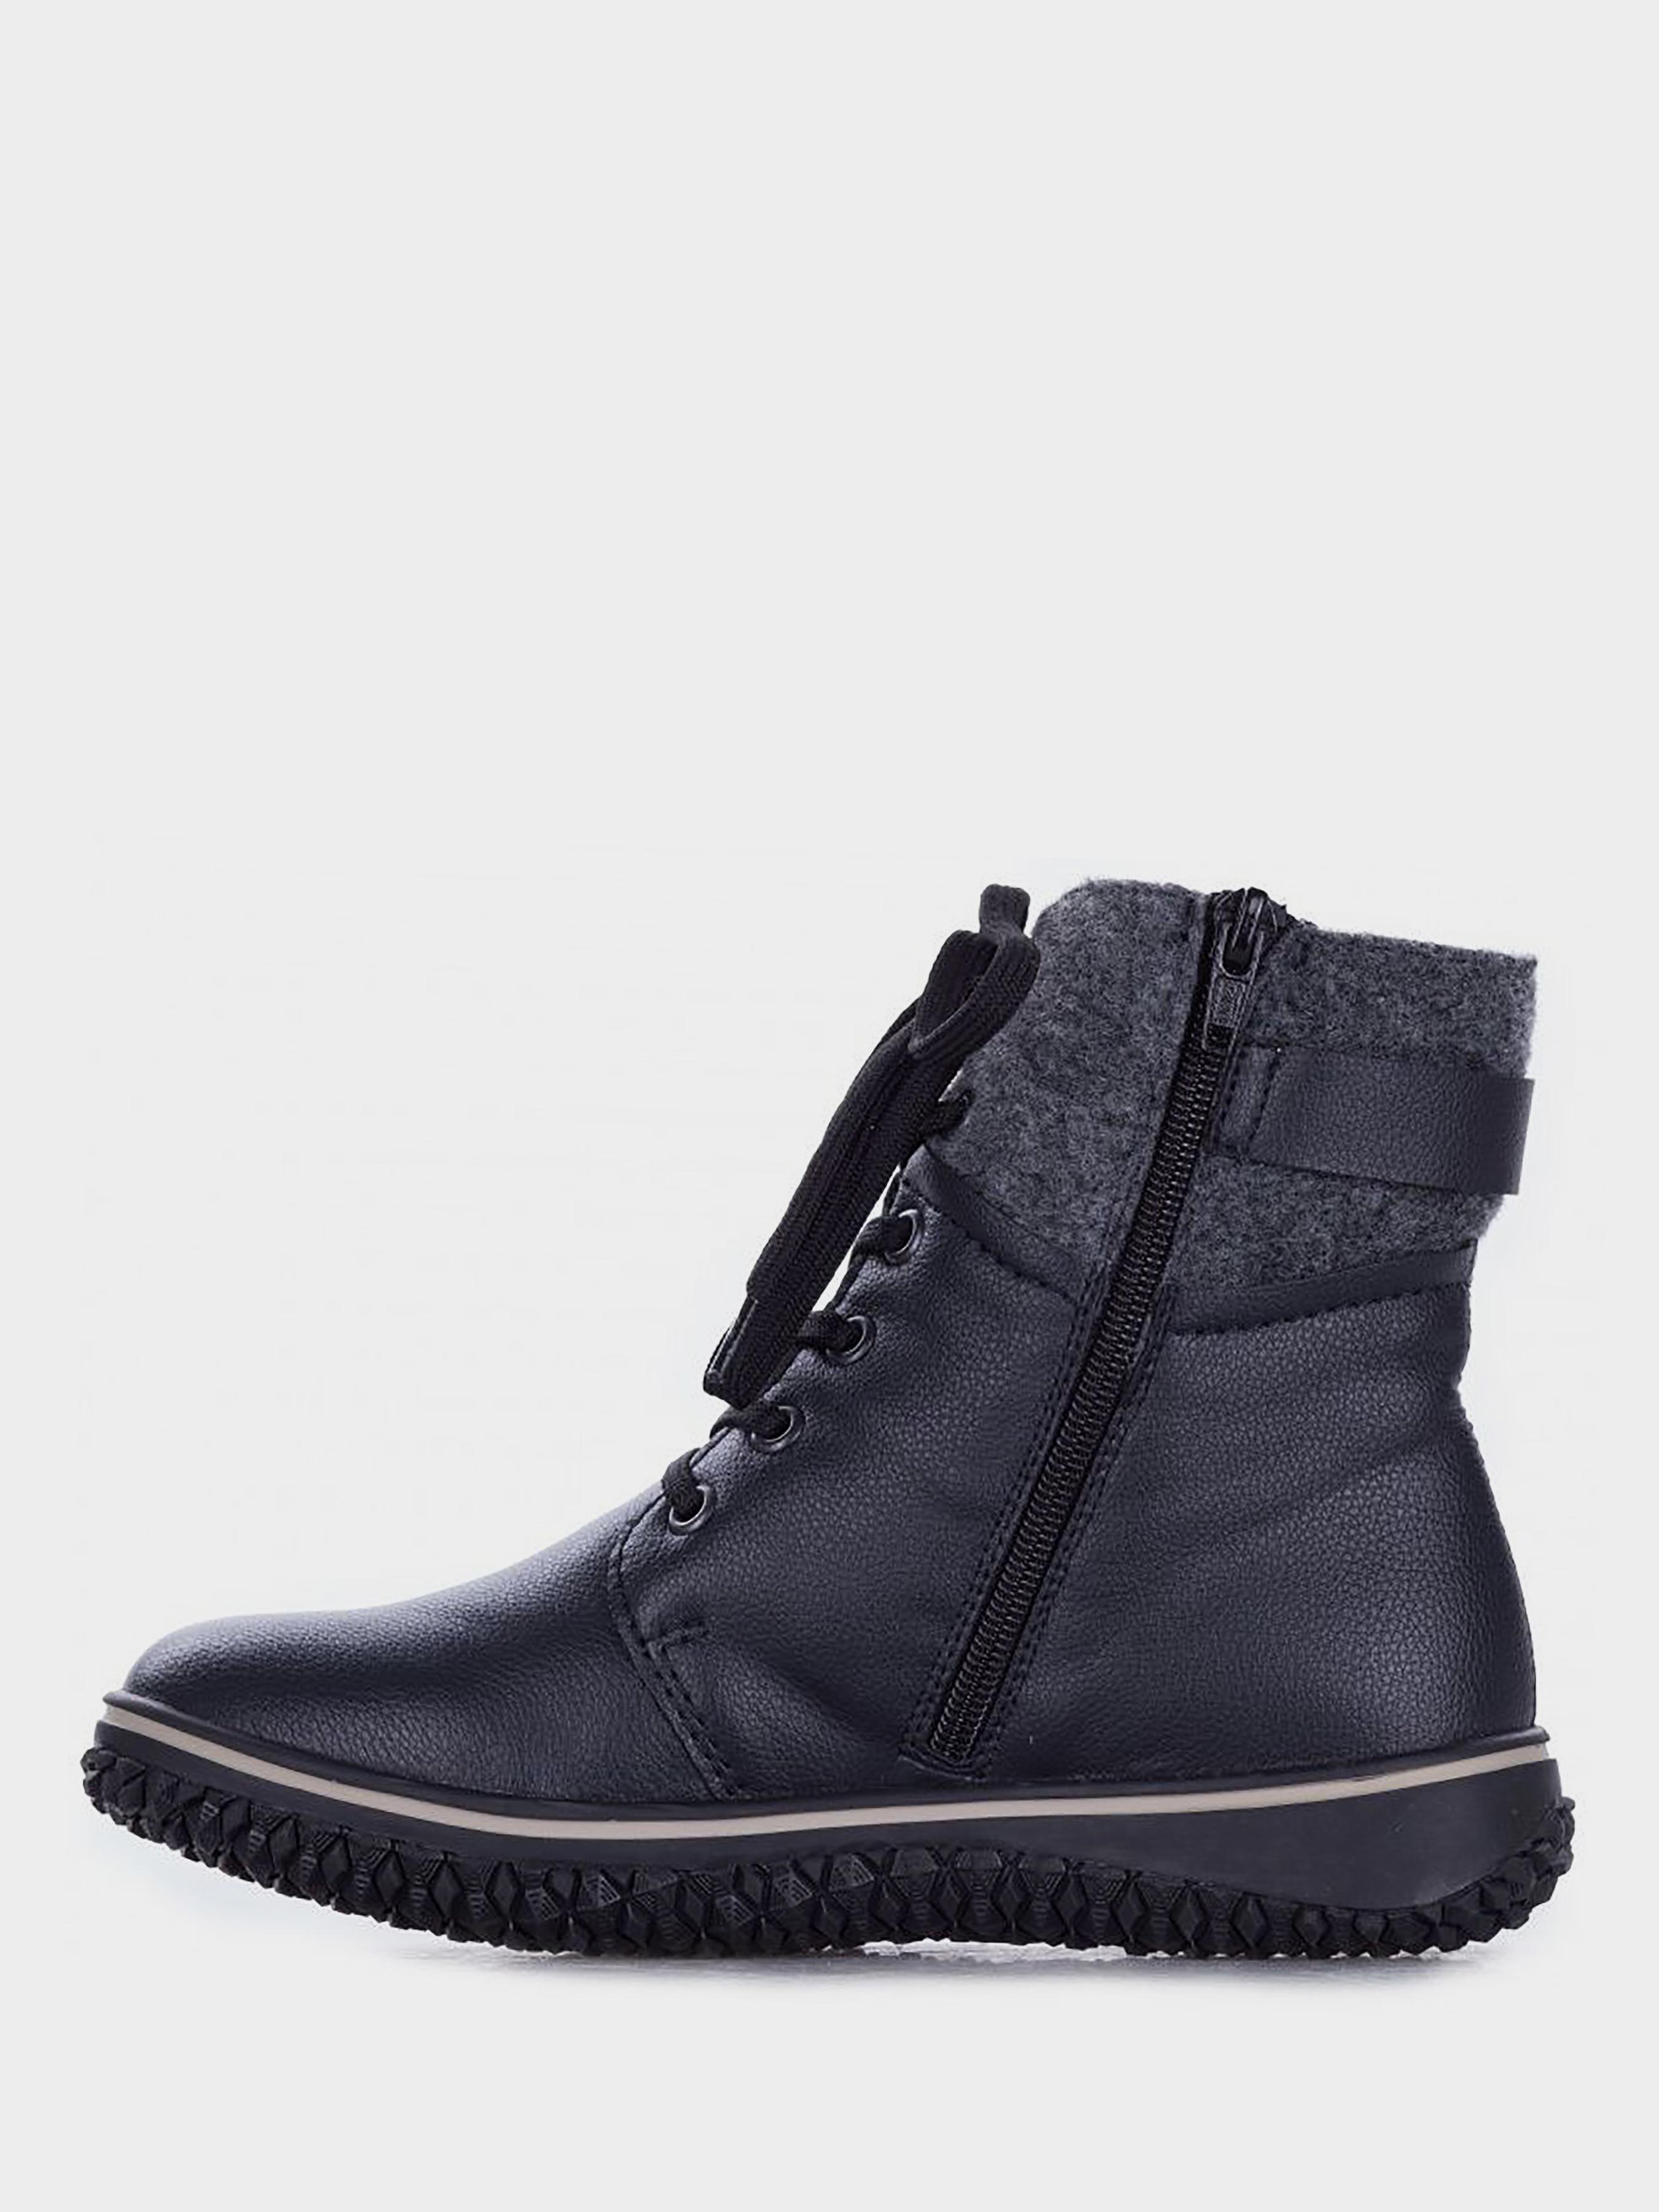 Ботинки для женщин RIEKER RW1187 размерная сетка обуви, 2017